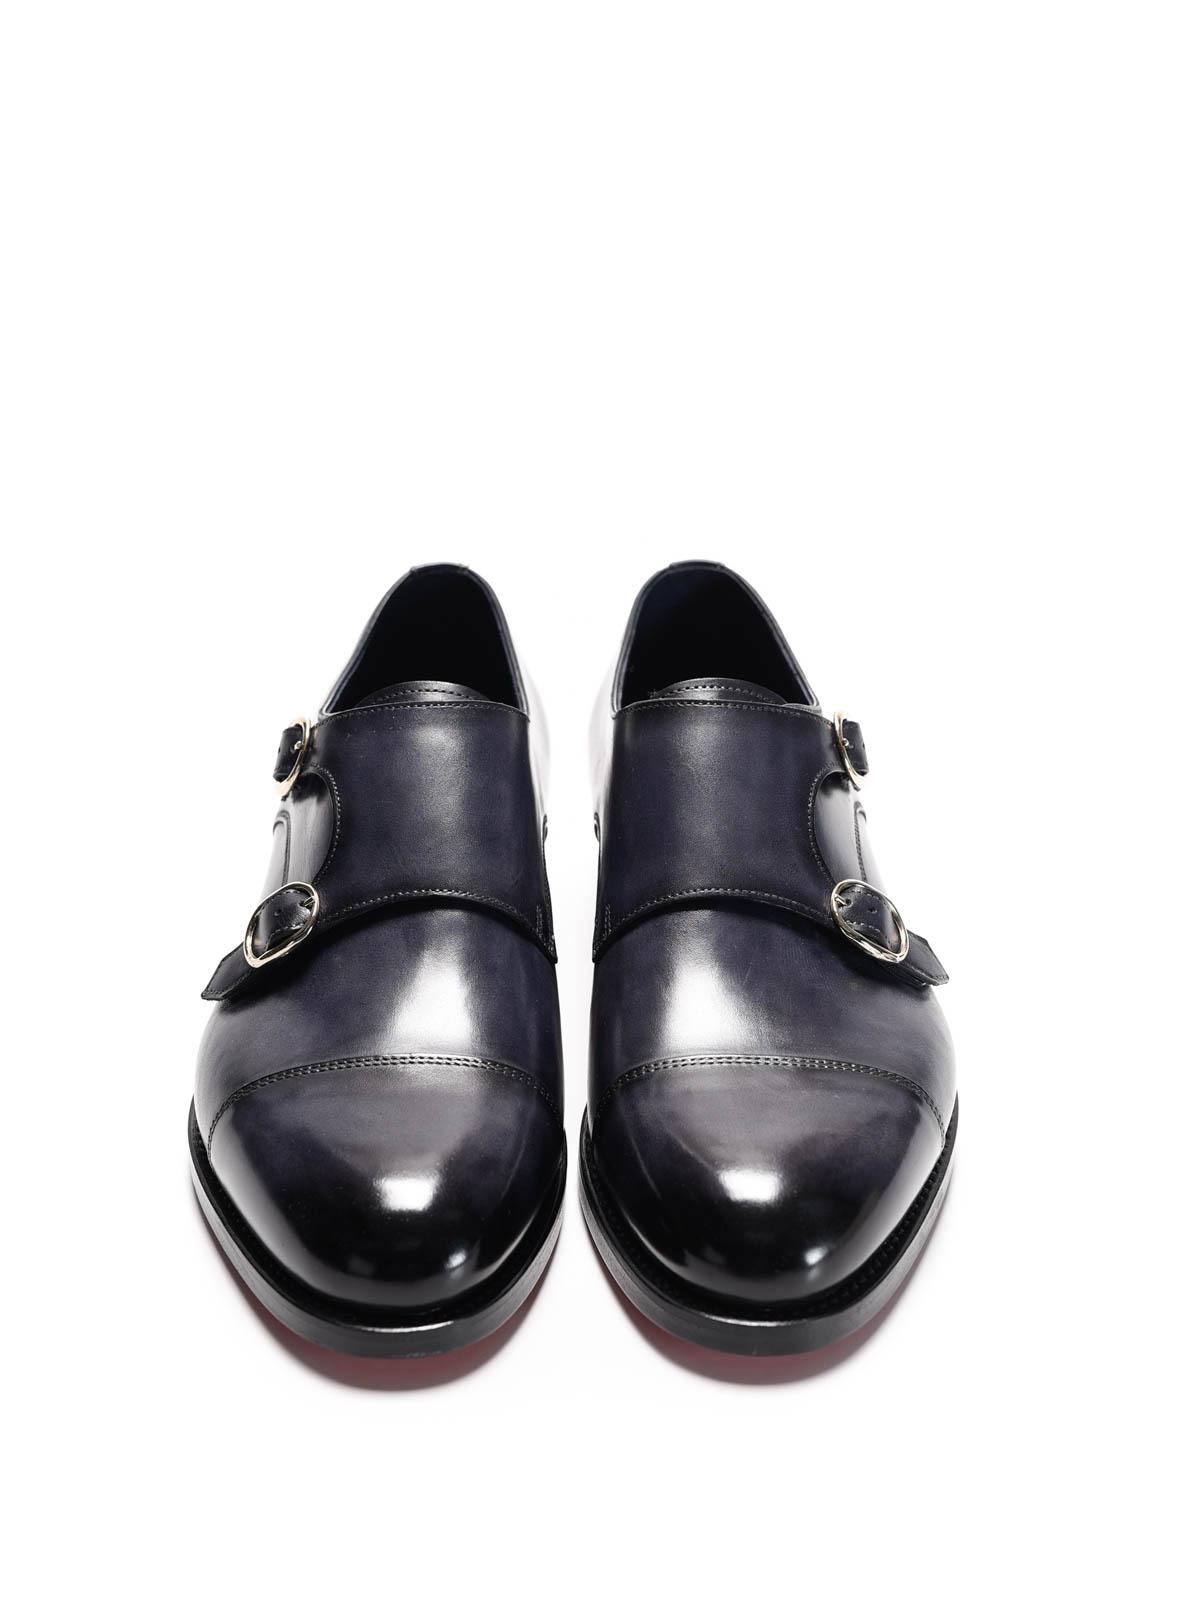 2c7b2e906ec2d Santoni - Scarpe classiche monk strap - classiche - 13973